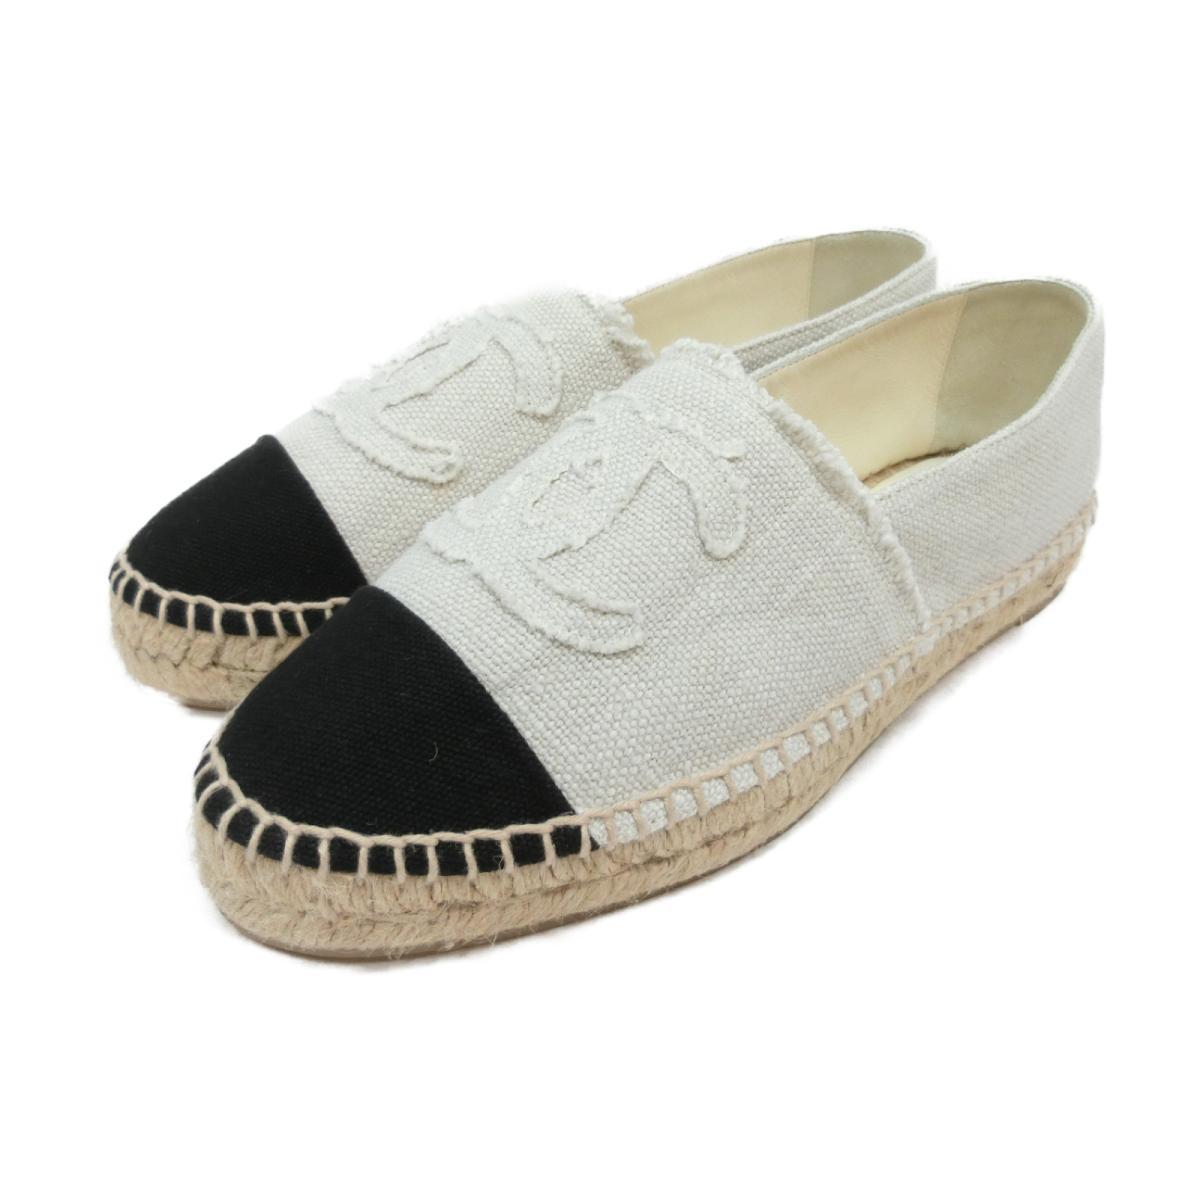 best sneakers d3799 548af Authentic CHANEL Espadrilles Shoes Linen Beige